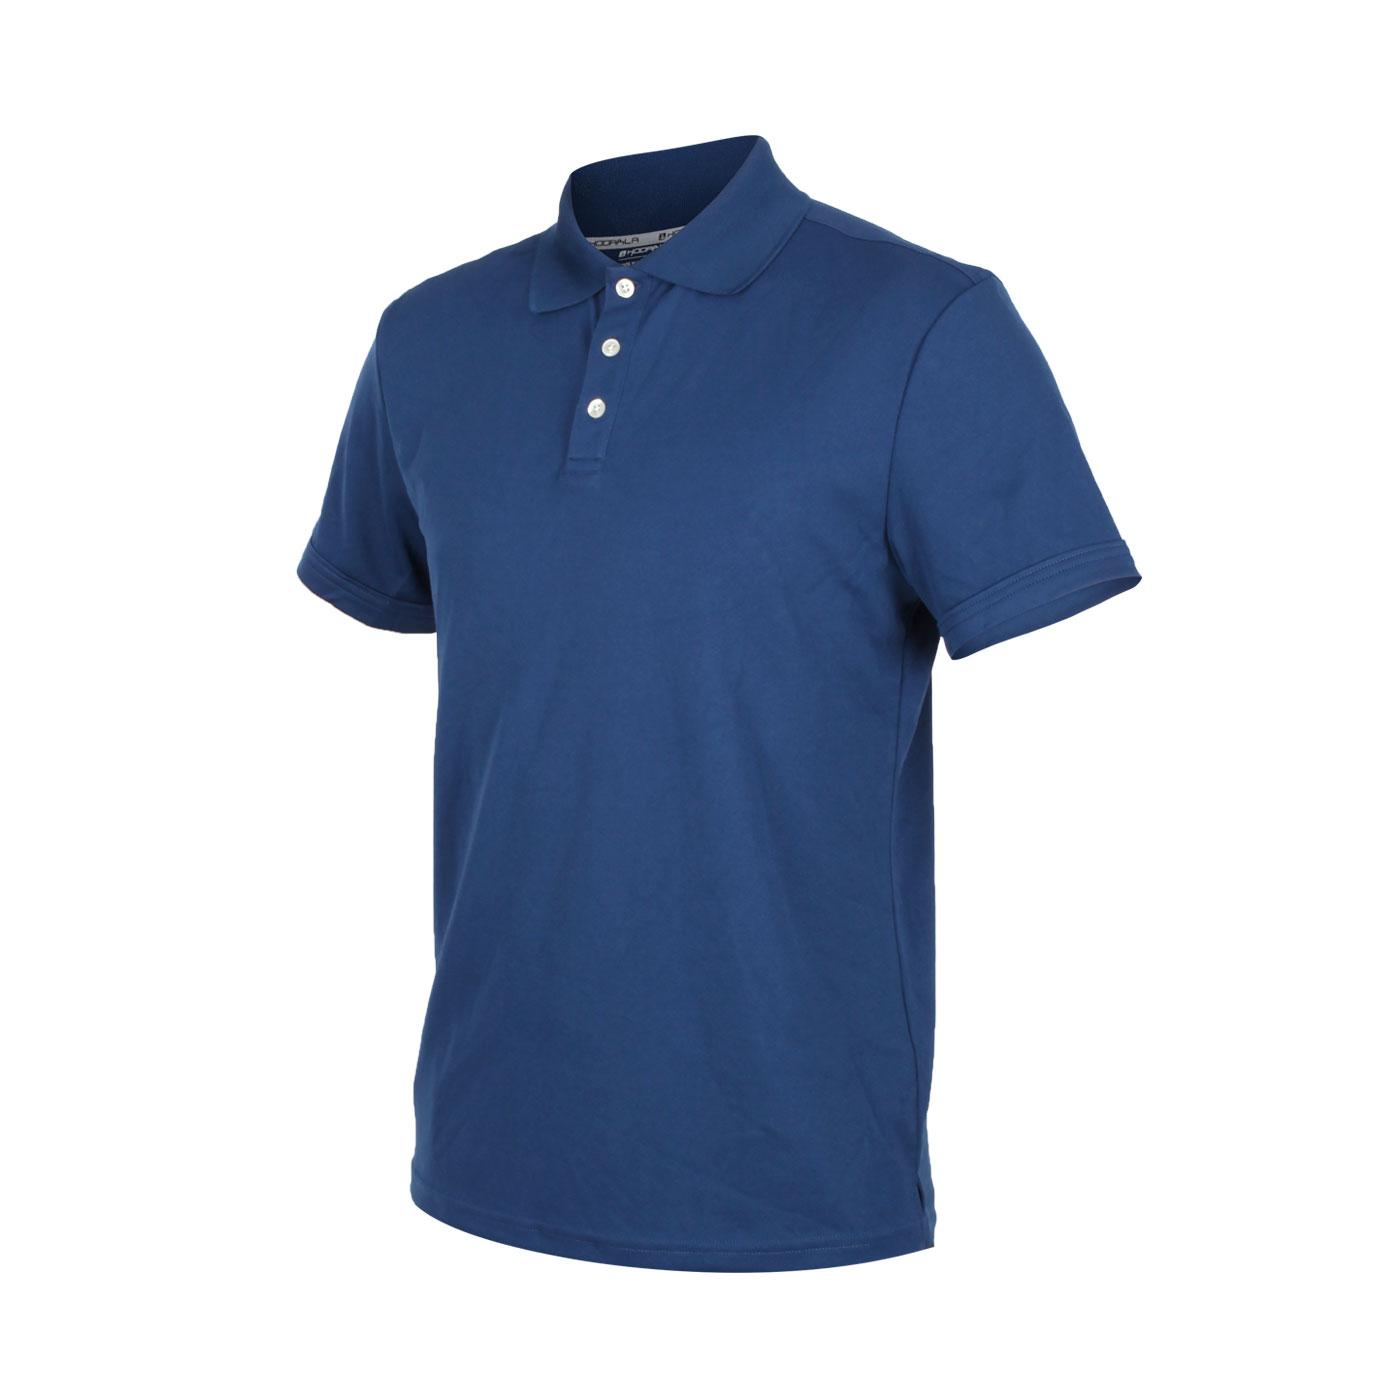 HODARLA 星際吸濕排汗短袖POLO衫 3151501 - 丈青